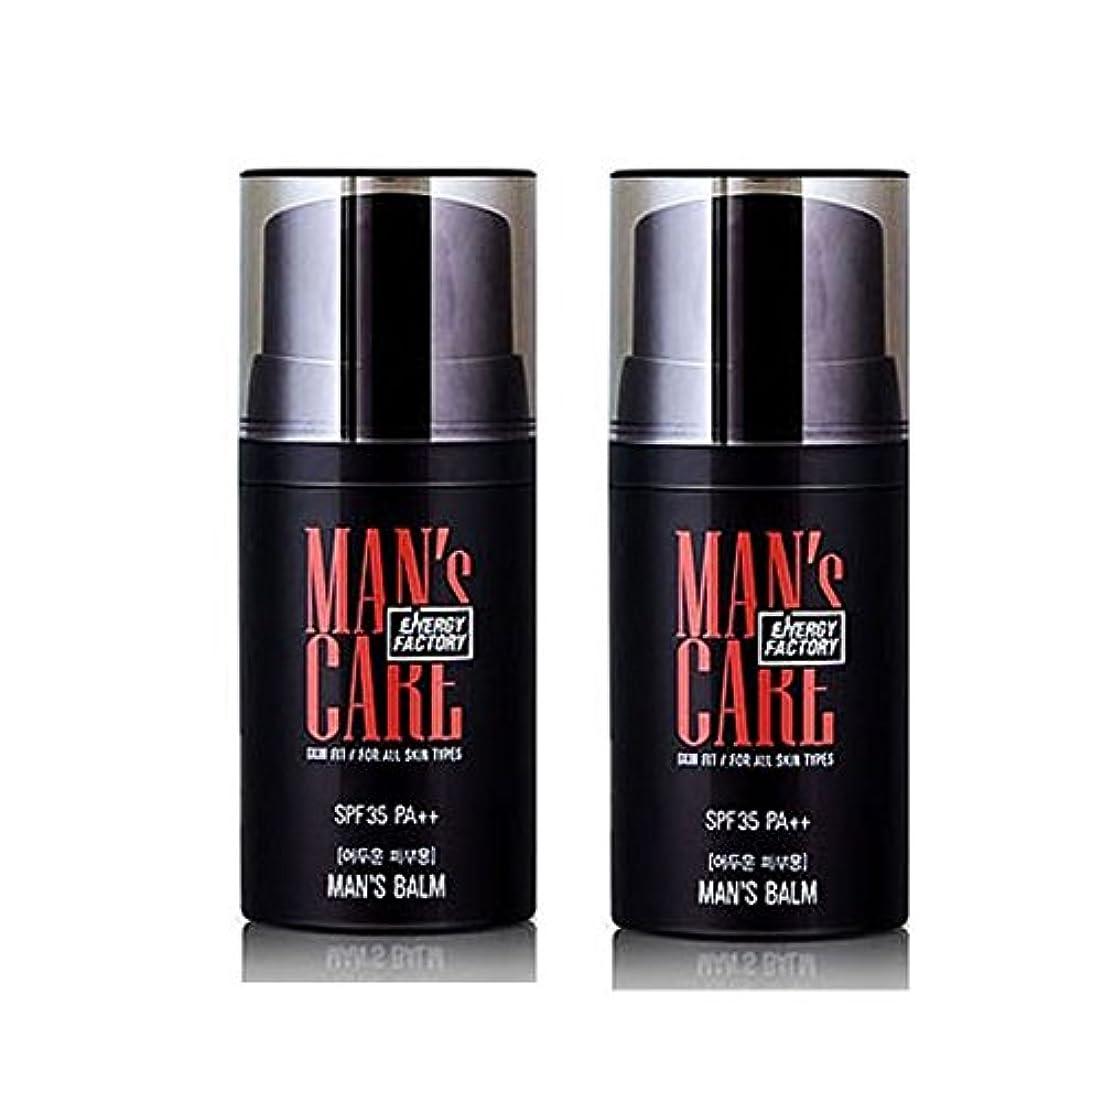 あいまい試すクライストチャーチメンズケアエネルギーファクトリースキンフィット?マンズ?Balm 50ml x 2本セット(明るい肌用、暗い肌用) メンズコスメ、Man's Care Energy Factory Skin Fit Man's Balm...